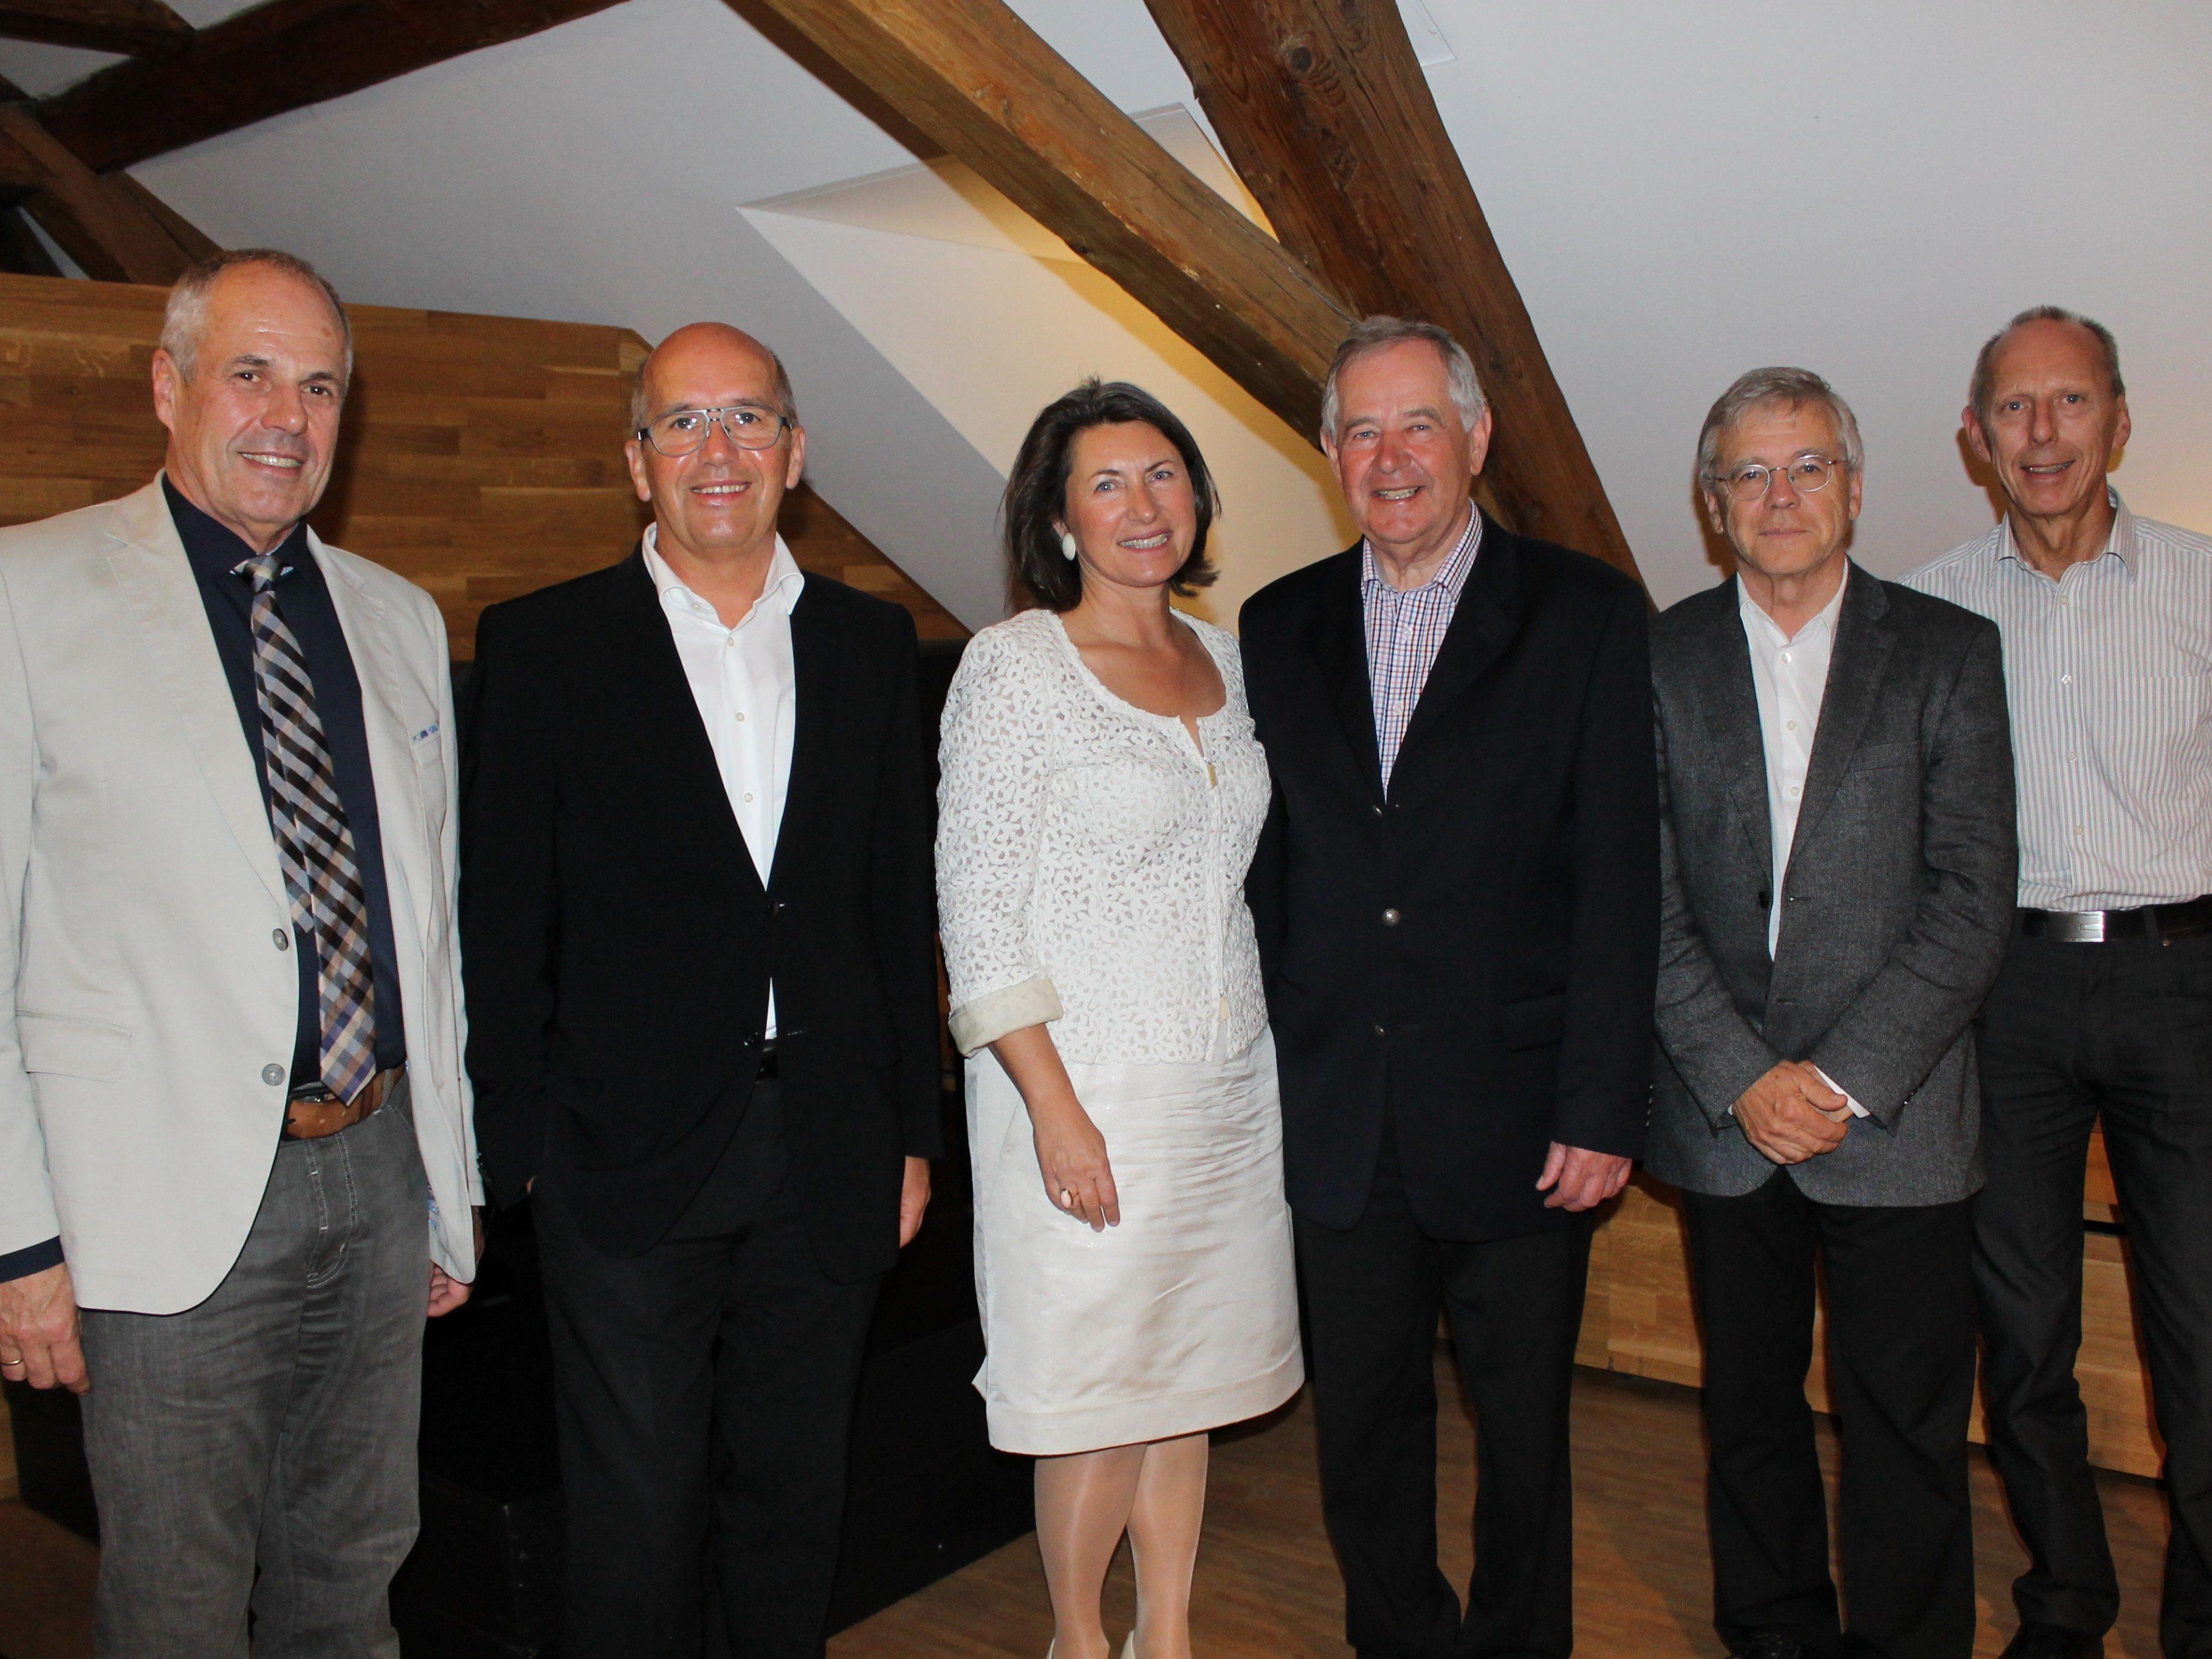 Die Vorstandsmitglieder mit neuem Obmann Bitsche und dem scheidenden Gerster